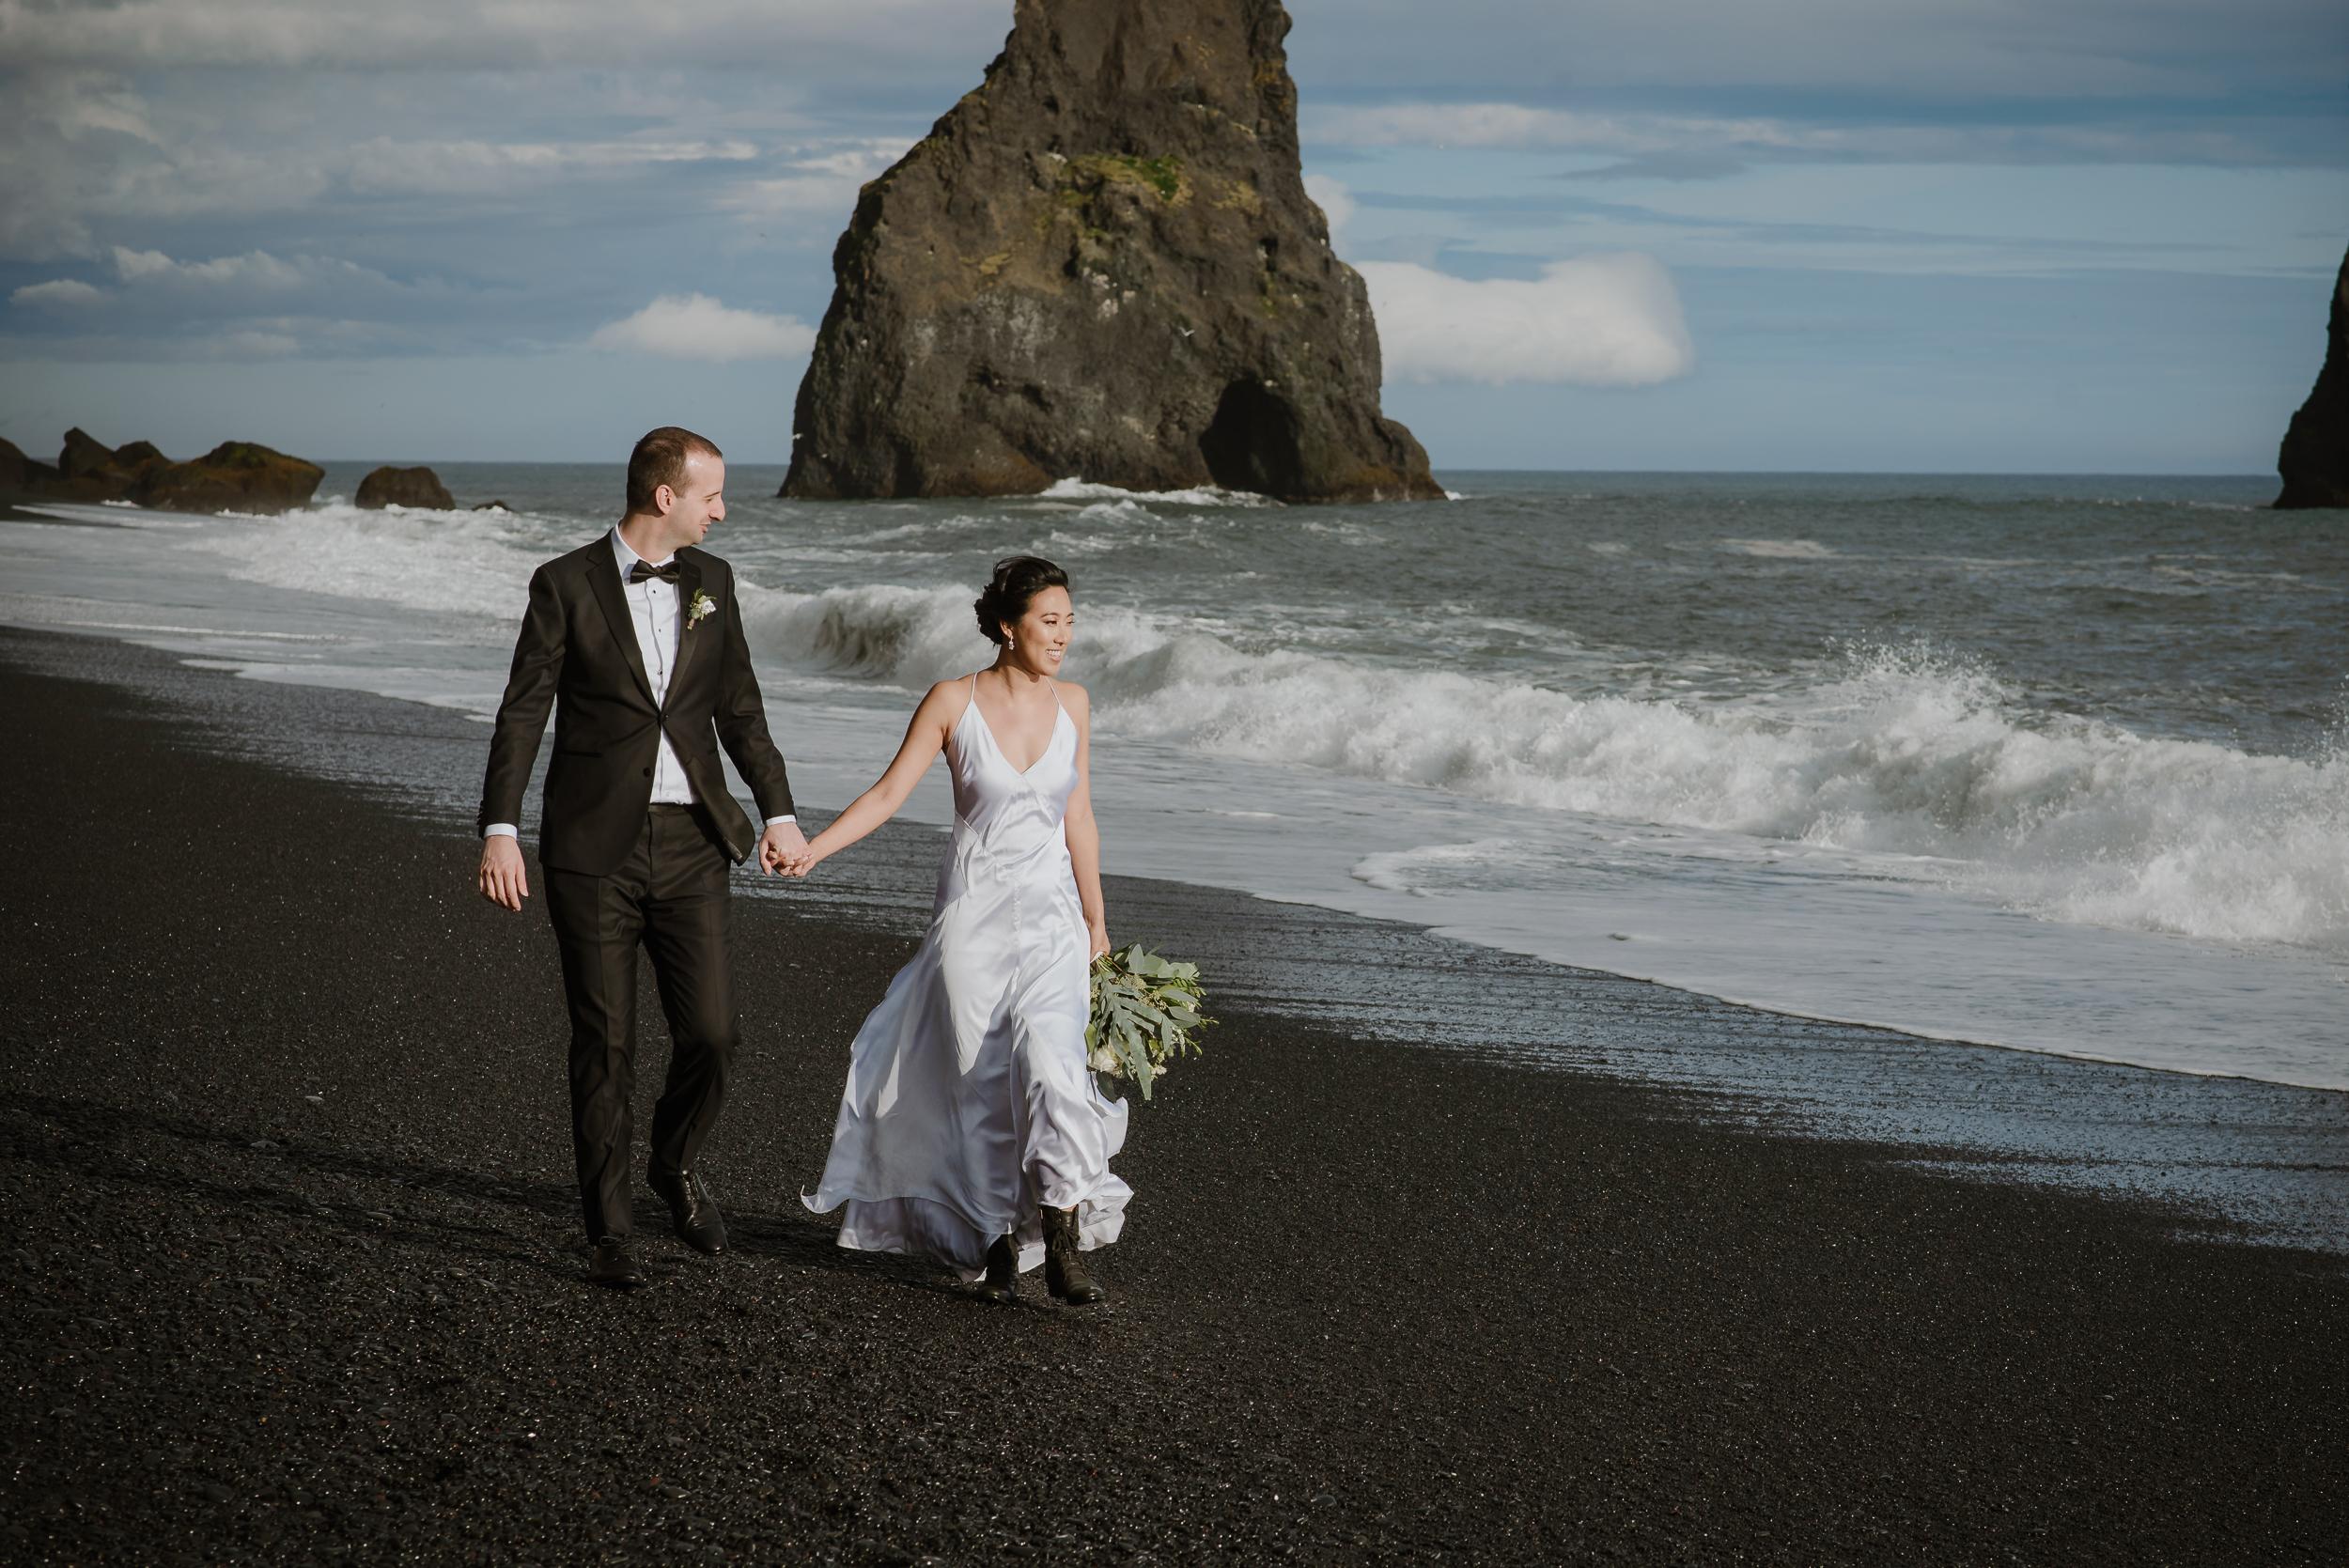 destination-wedding-iceland-engagement-session-vivianchen-191.jpg